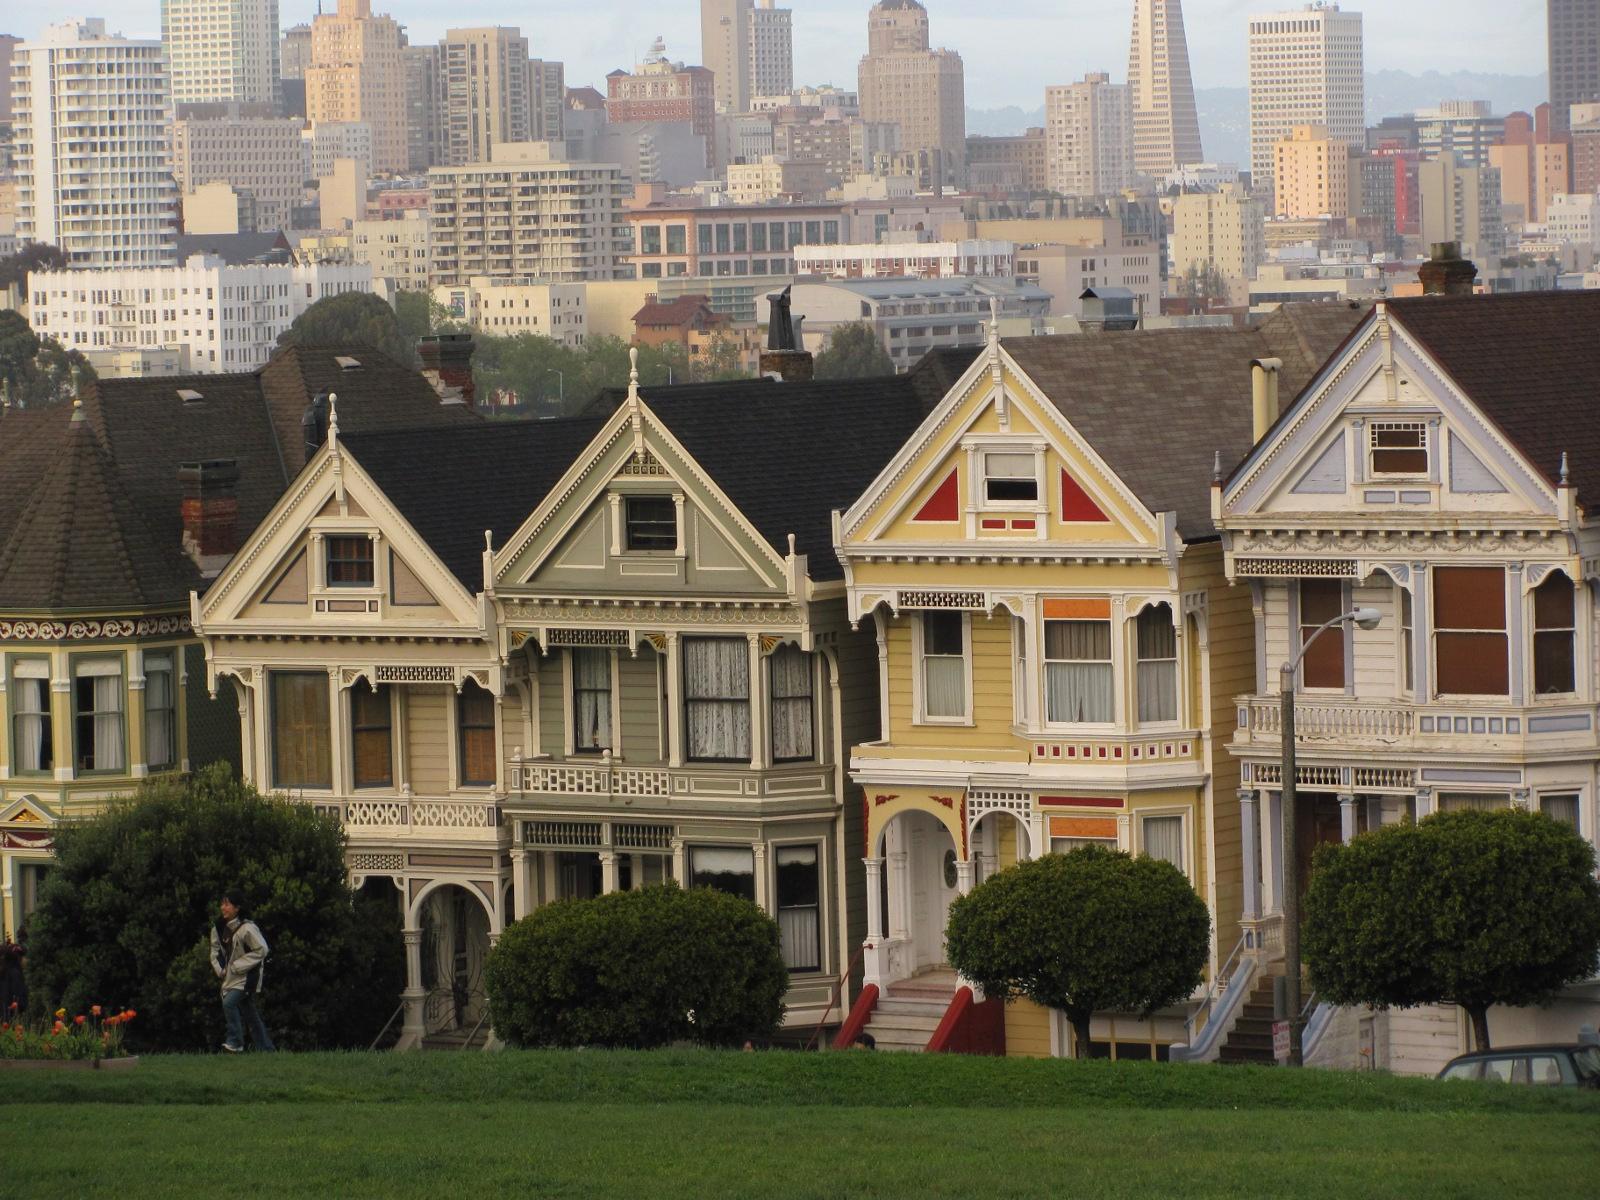 Nueva york confidencial california dreams de nueva york a san francisco - Casas en nueva york ...